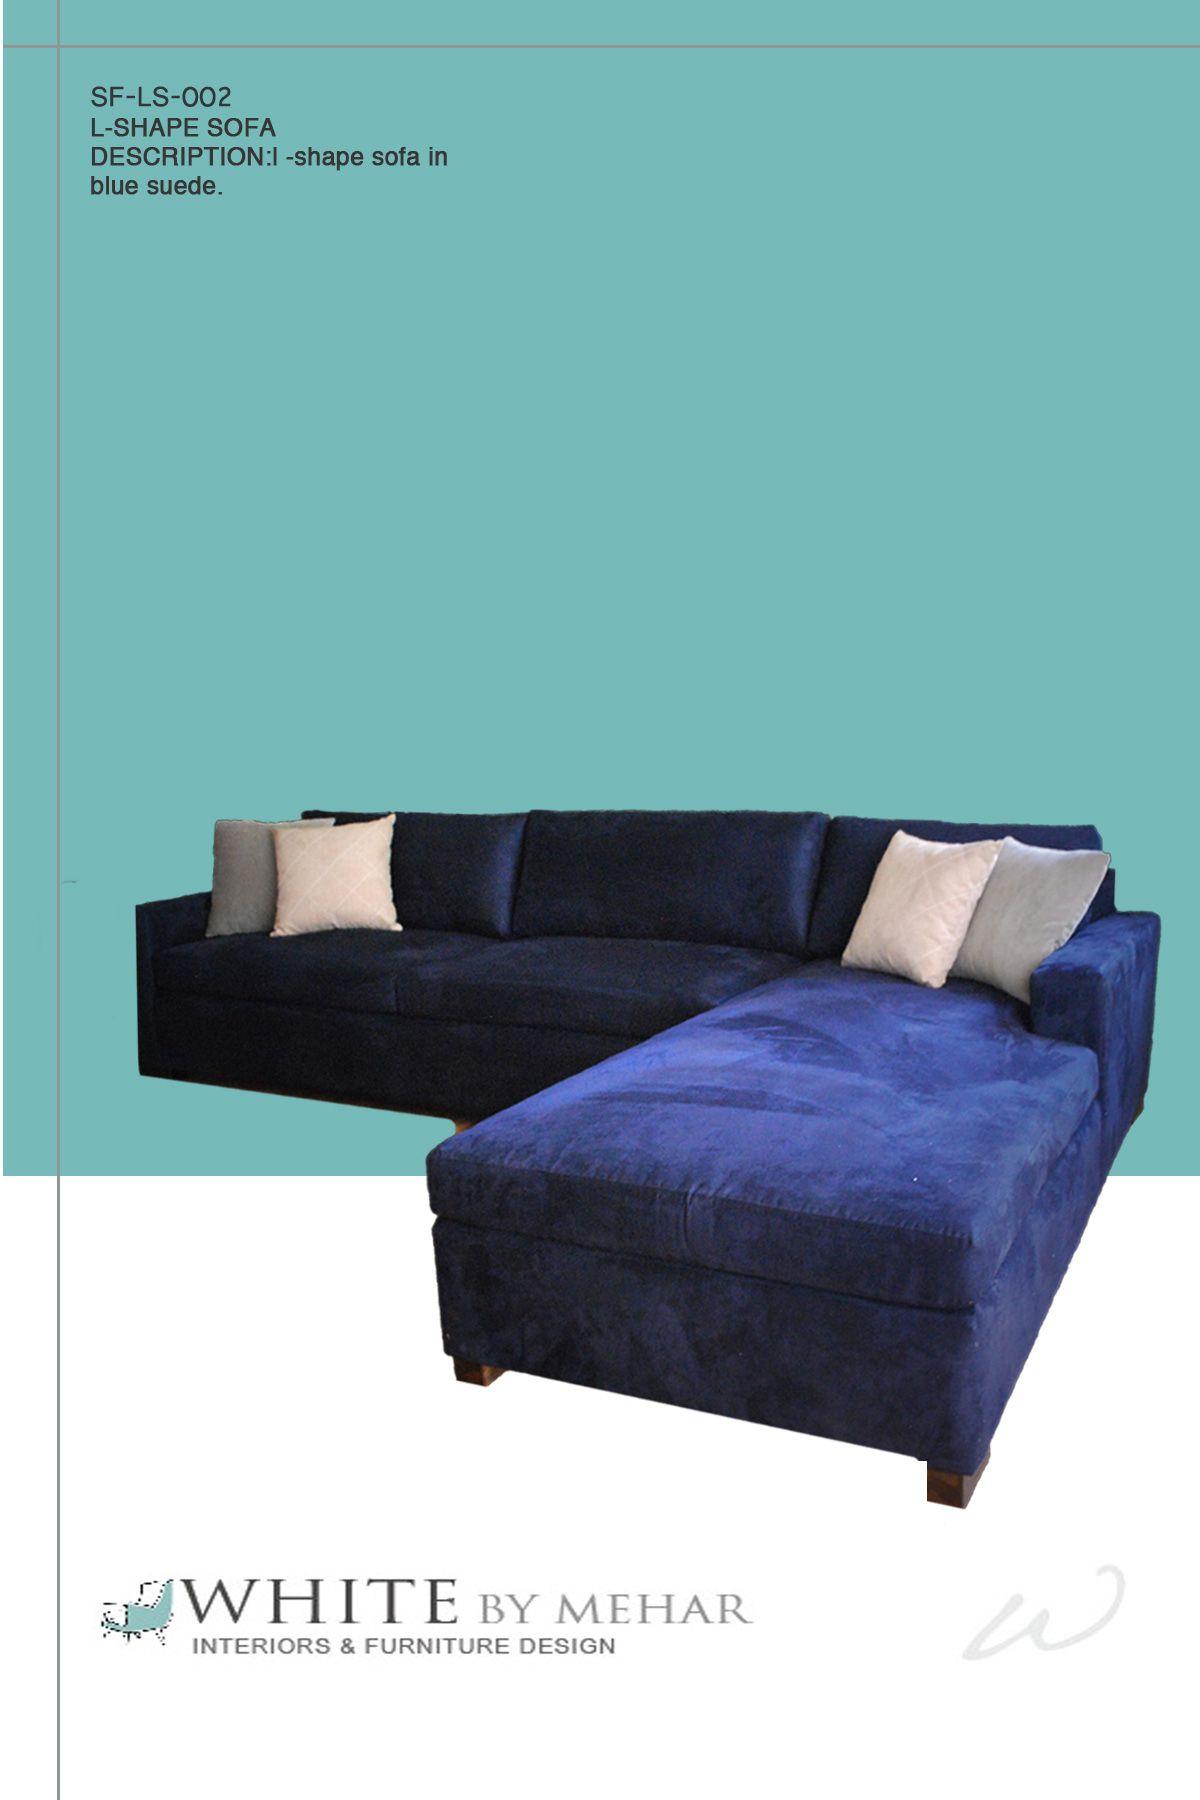 L Shape Sofa In Blue Suede L Shaped Sofa Blue Sofa Furniture